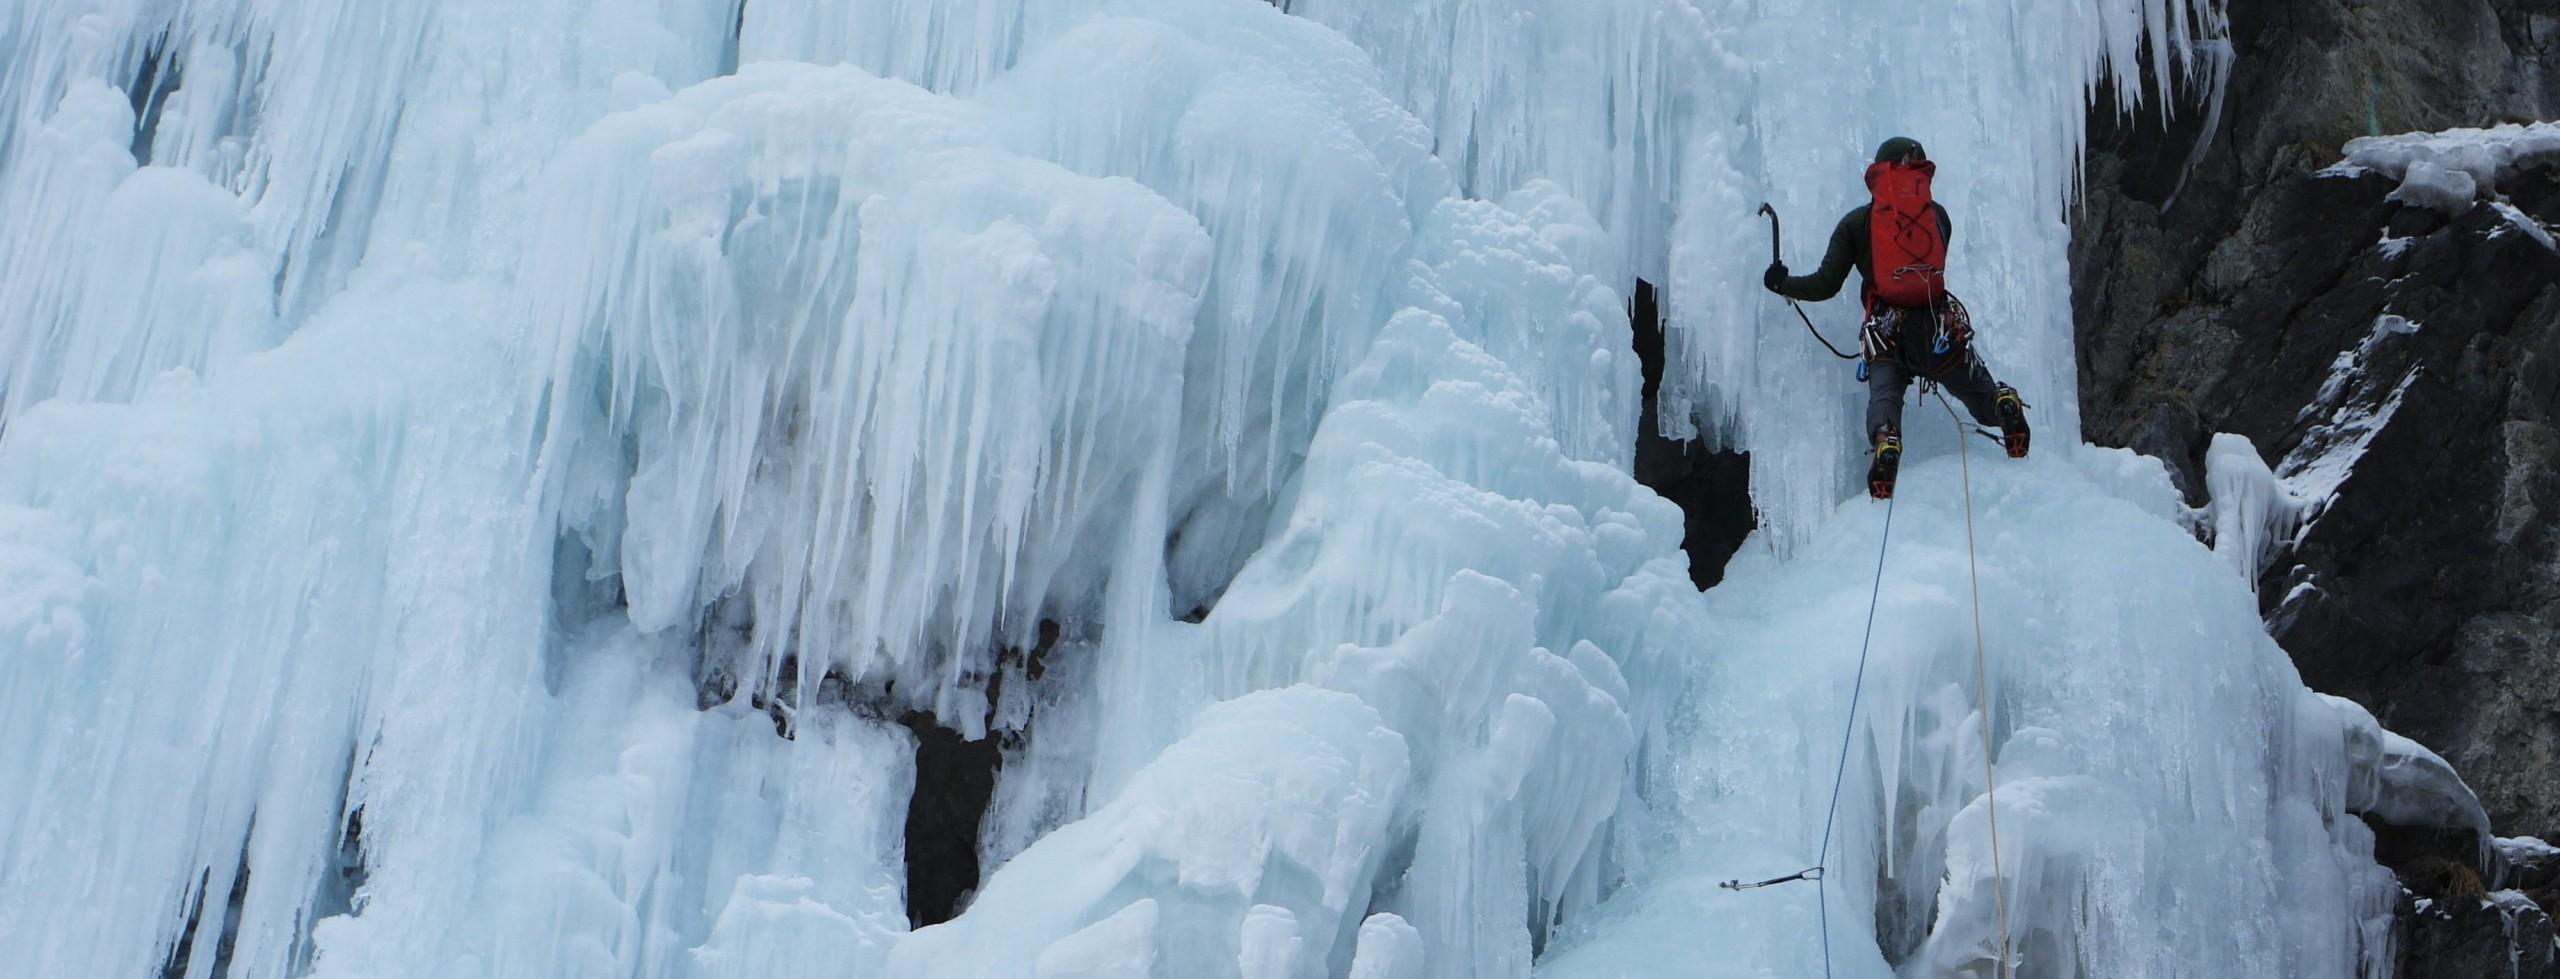 Cascade de glace dans les Hautes-Alpes, Fournel, Freissinière, Queyras